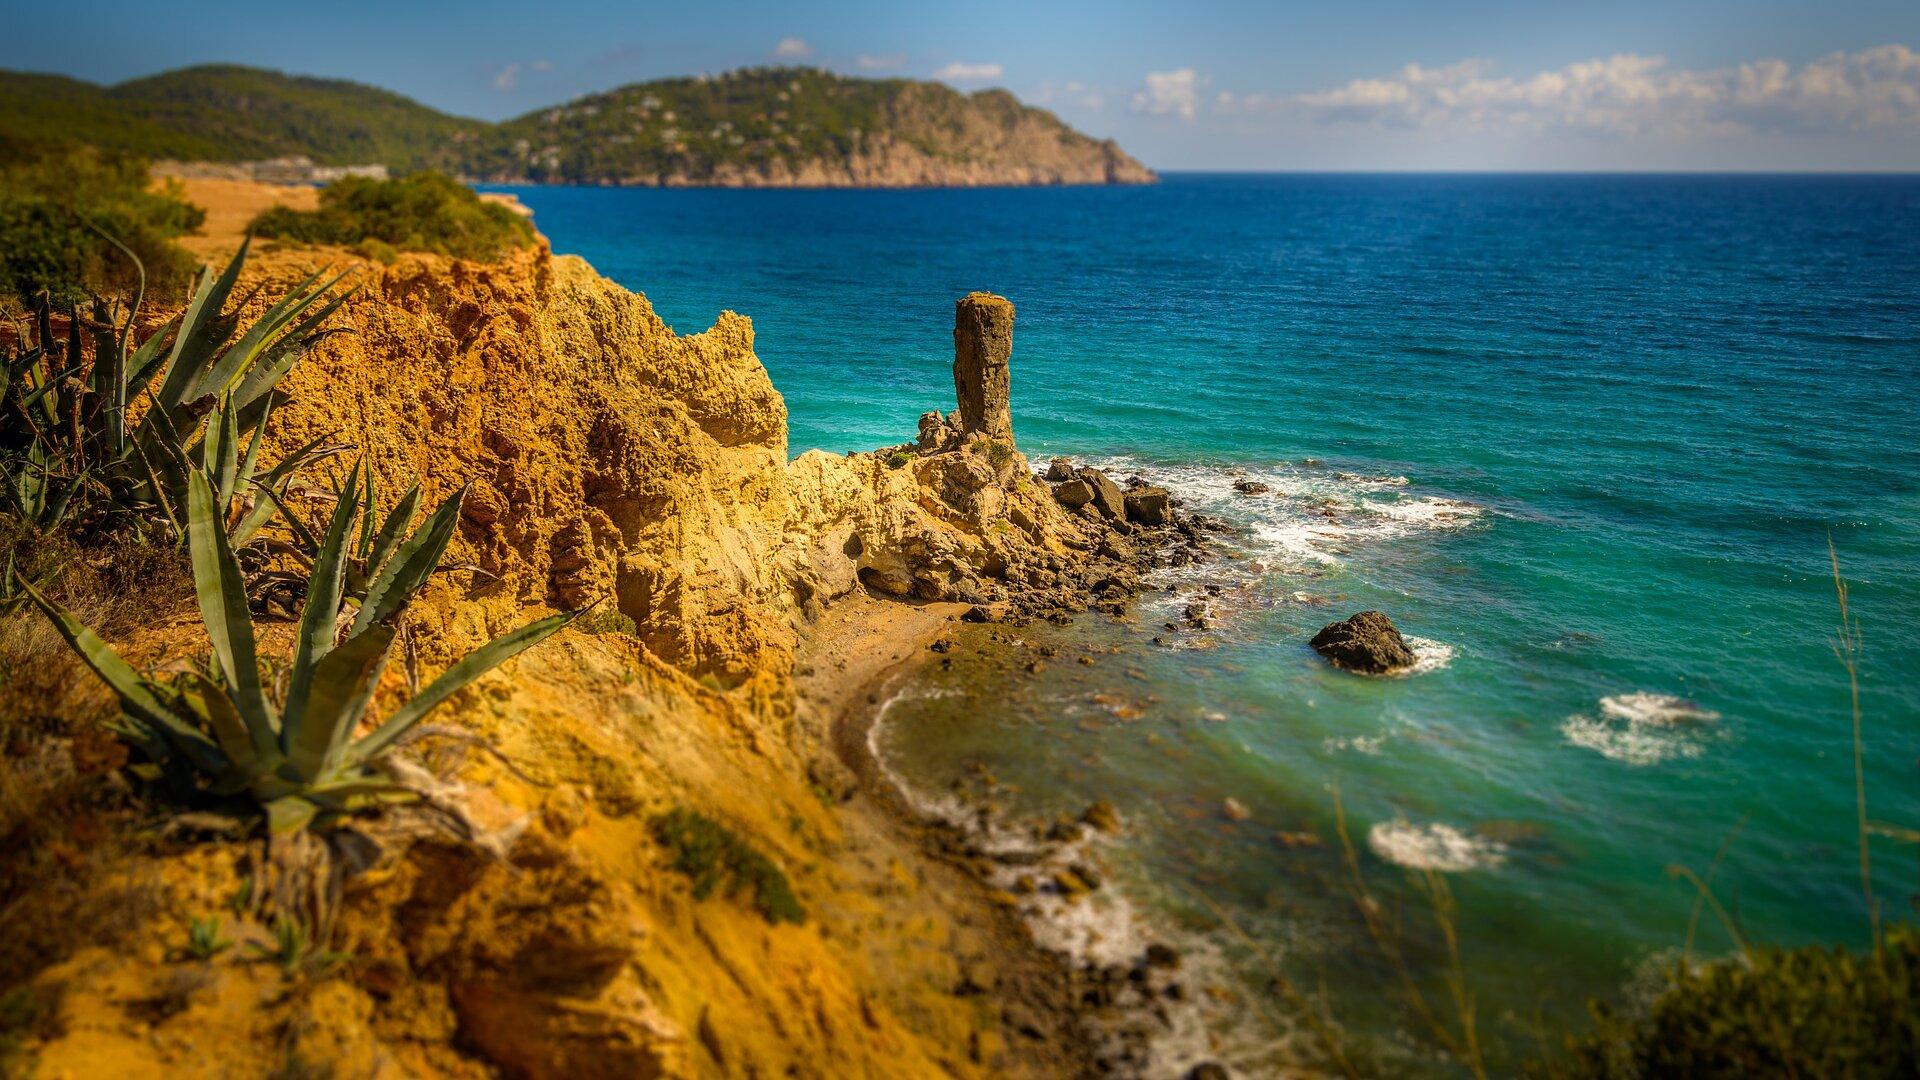 Na zdjęciu widzimy fragment śródziemnomorskiego wybrzeża. Linia brzegowa jest urozmaicona omywana lazurowym morzem. Zdjęcie zrobione zostało zwysokiego brzegu. Jest on porośnięty roślinnością, na pierwszym planie widać rosnące krzaki agawy. Na dalszym planie widać fragment zatoki iwysunięty wmorze cypel.